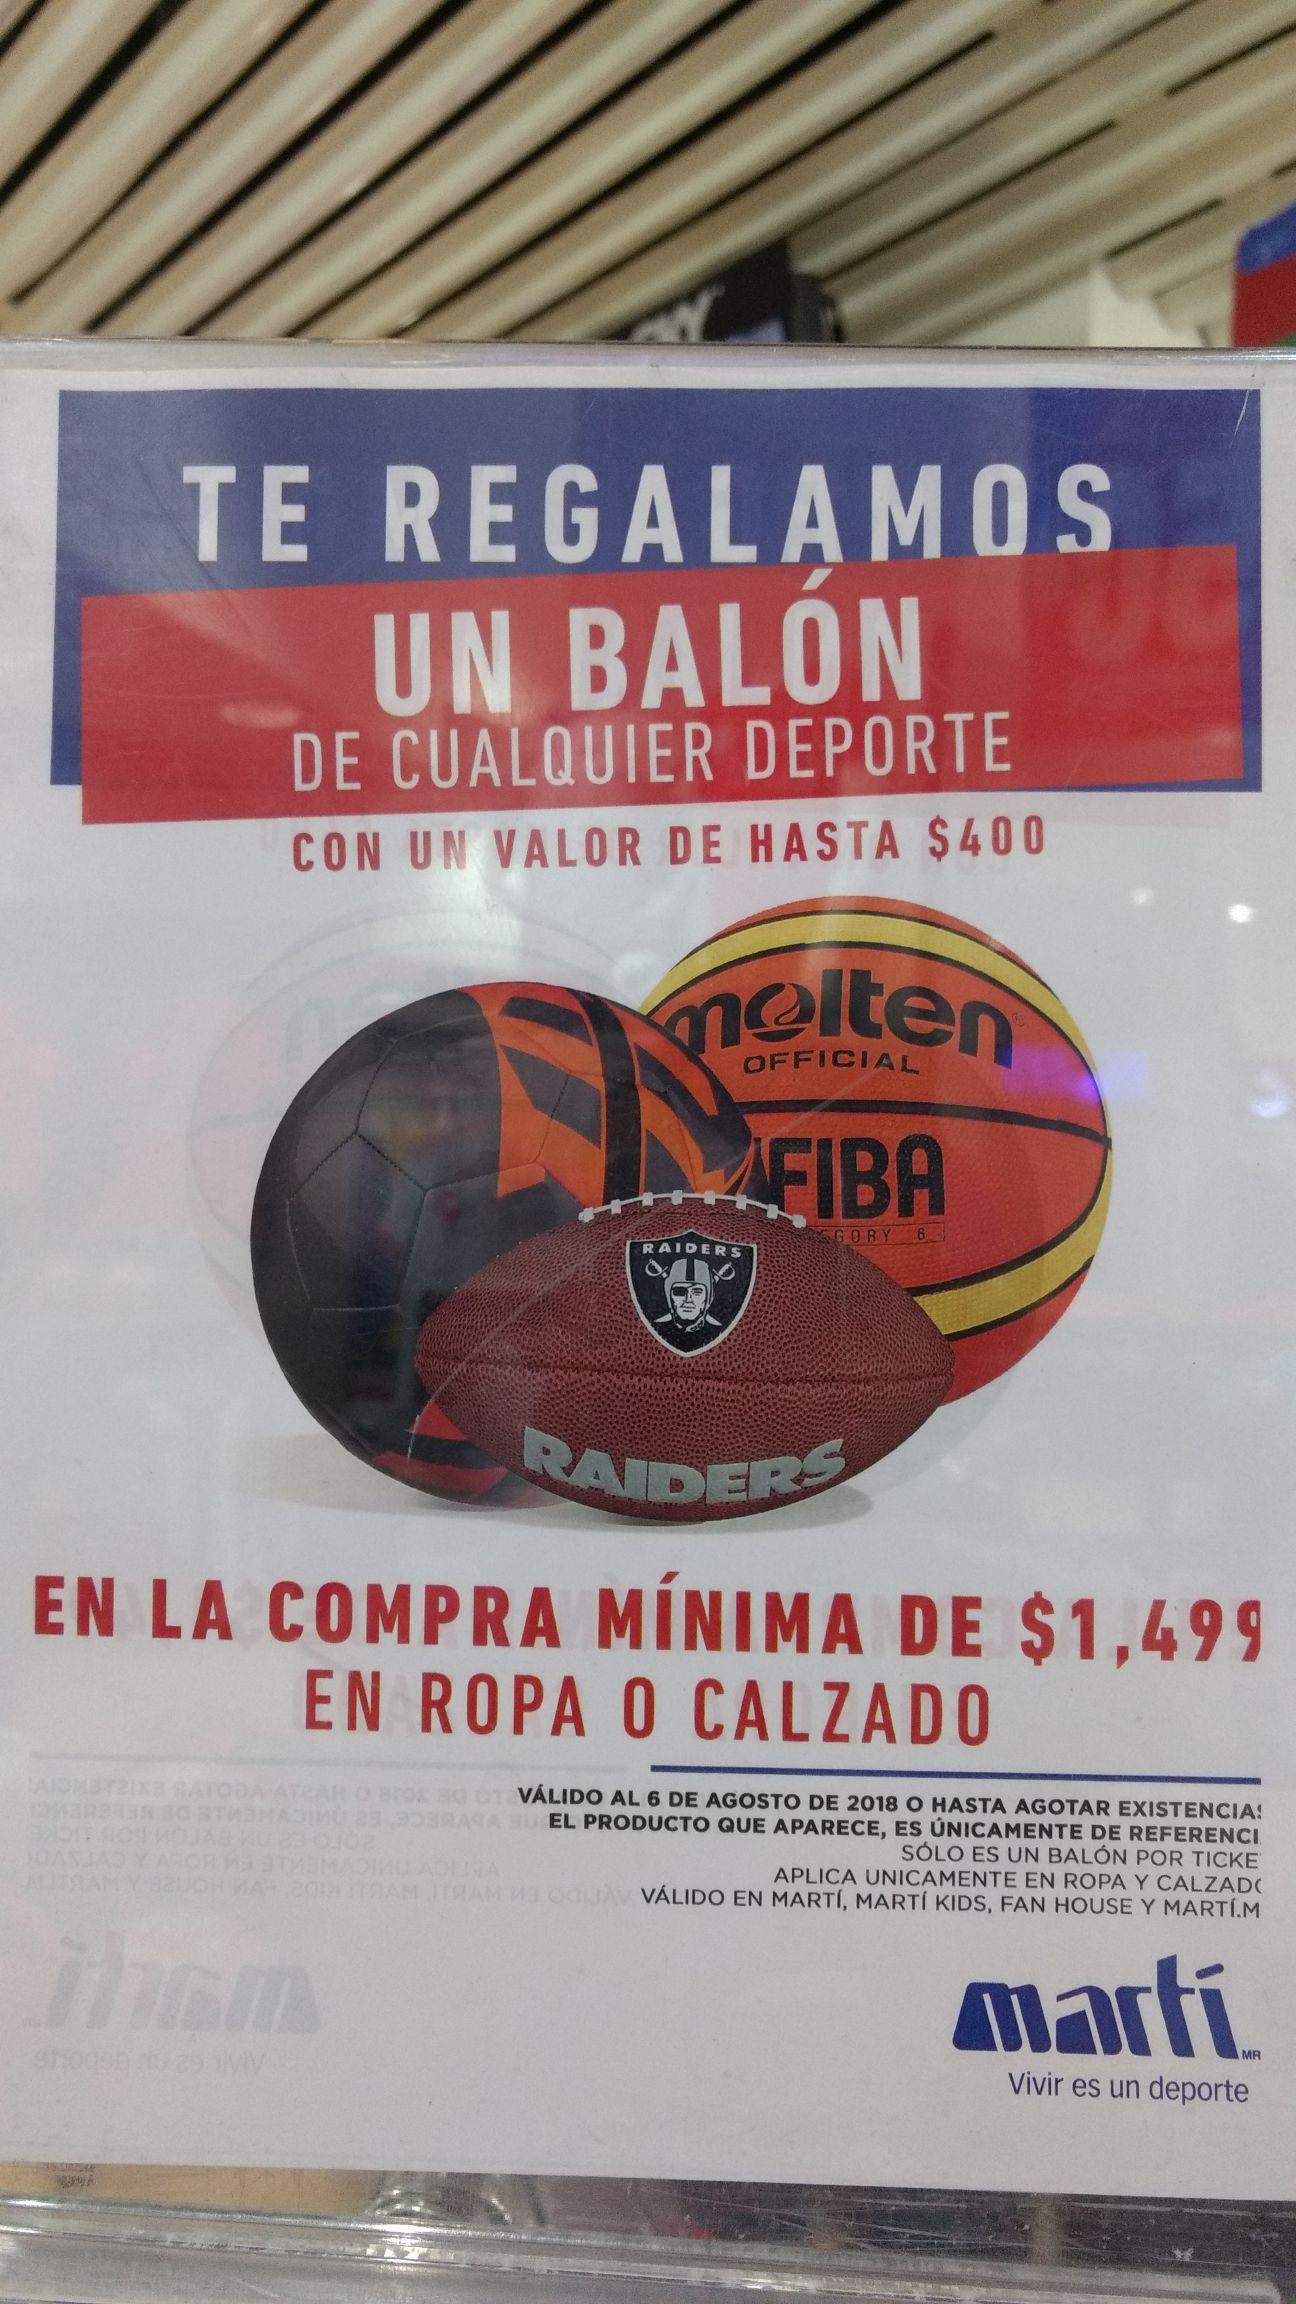 Martí: Balón gratis de cualquier deporte no mayor a 400 pesos en compra mínima de 1499